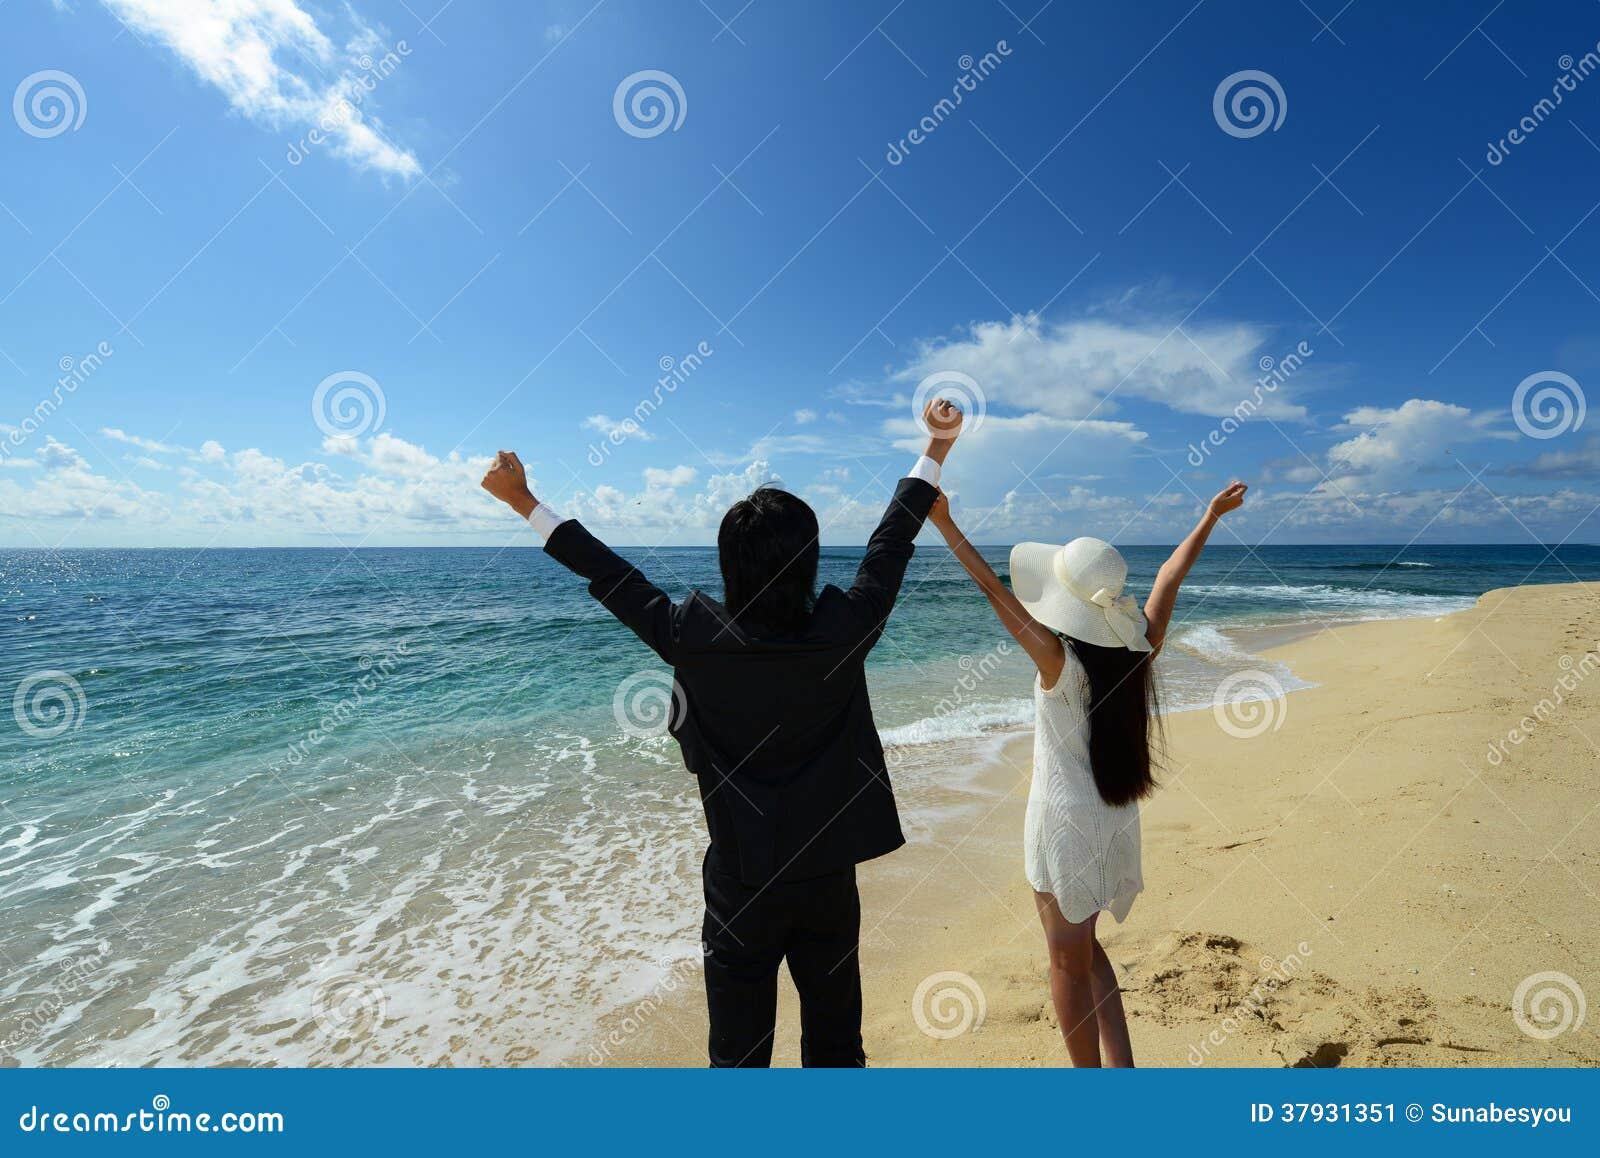 Человек и женщина на пляже